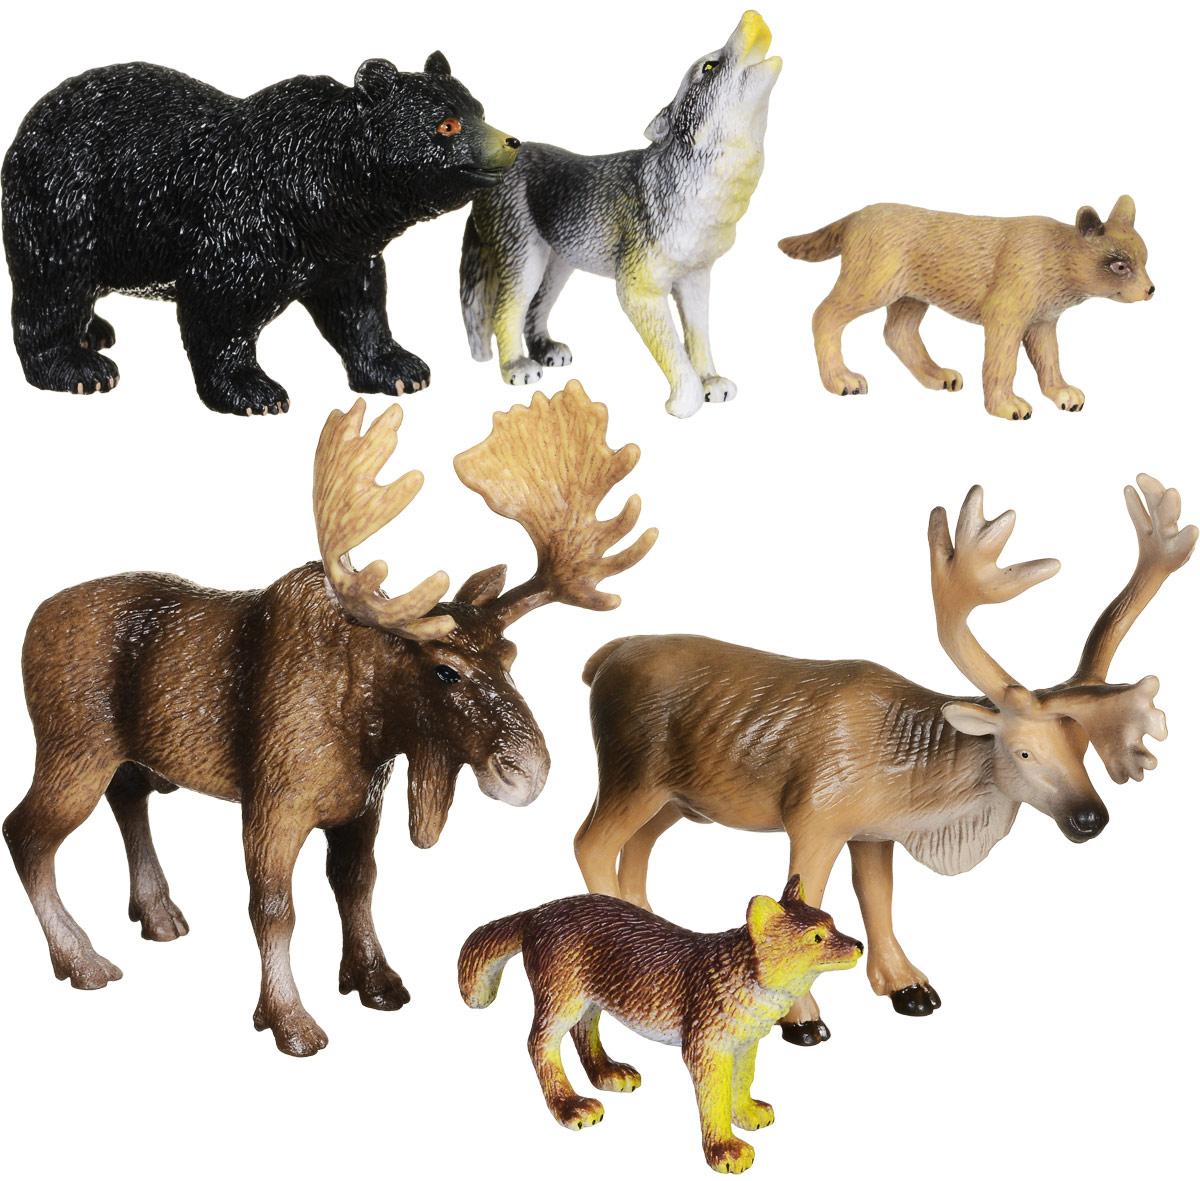 Wenno Набор фигурок Животные Северной Америки 6 штWNA06001Набор фигурок Wenno Животные Северной Америки познакомит вашего ребенка с окружающим миром. В набор входят шесть фигурок - лось, медведь, волк и другие, которые имеют высокую степень сходства с настоящими животными. Фигурки выполнены с максимальной детализацией, чтобы дать ребенку представление о том, как выглядят животные в природе. Совместные игры с фигурками Wenno - это познавательное времяпрепровождение для всей семьи. Фигурки изготовлены из качественного материала, не токсичны и не вызывают аллергию. В набор входят карточки. Вам необходимо скачать сканер QR кодов, выбрать язык (по умолчанию - английский). Просканируйте QR код на каждой карточке, приложение покажет информацию о разных животных.